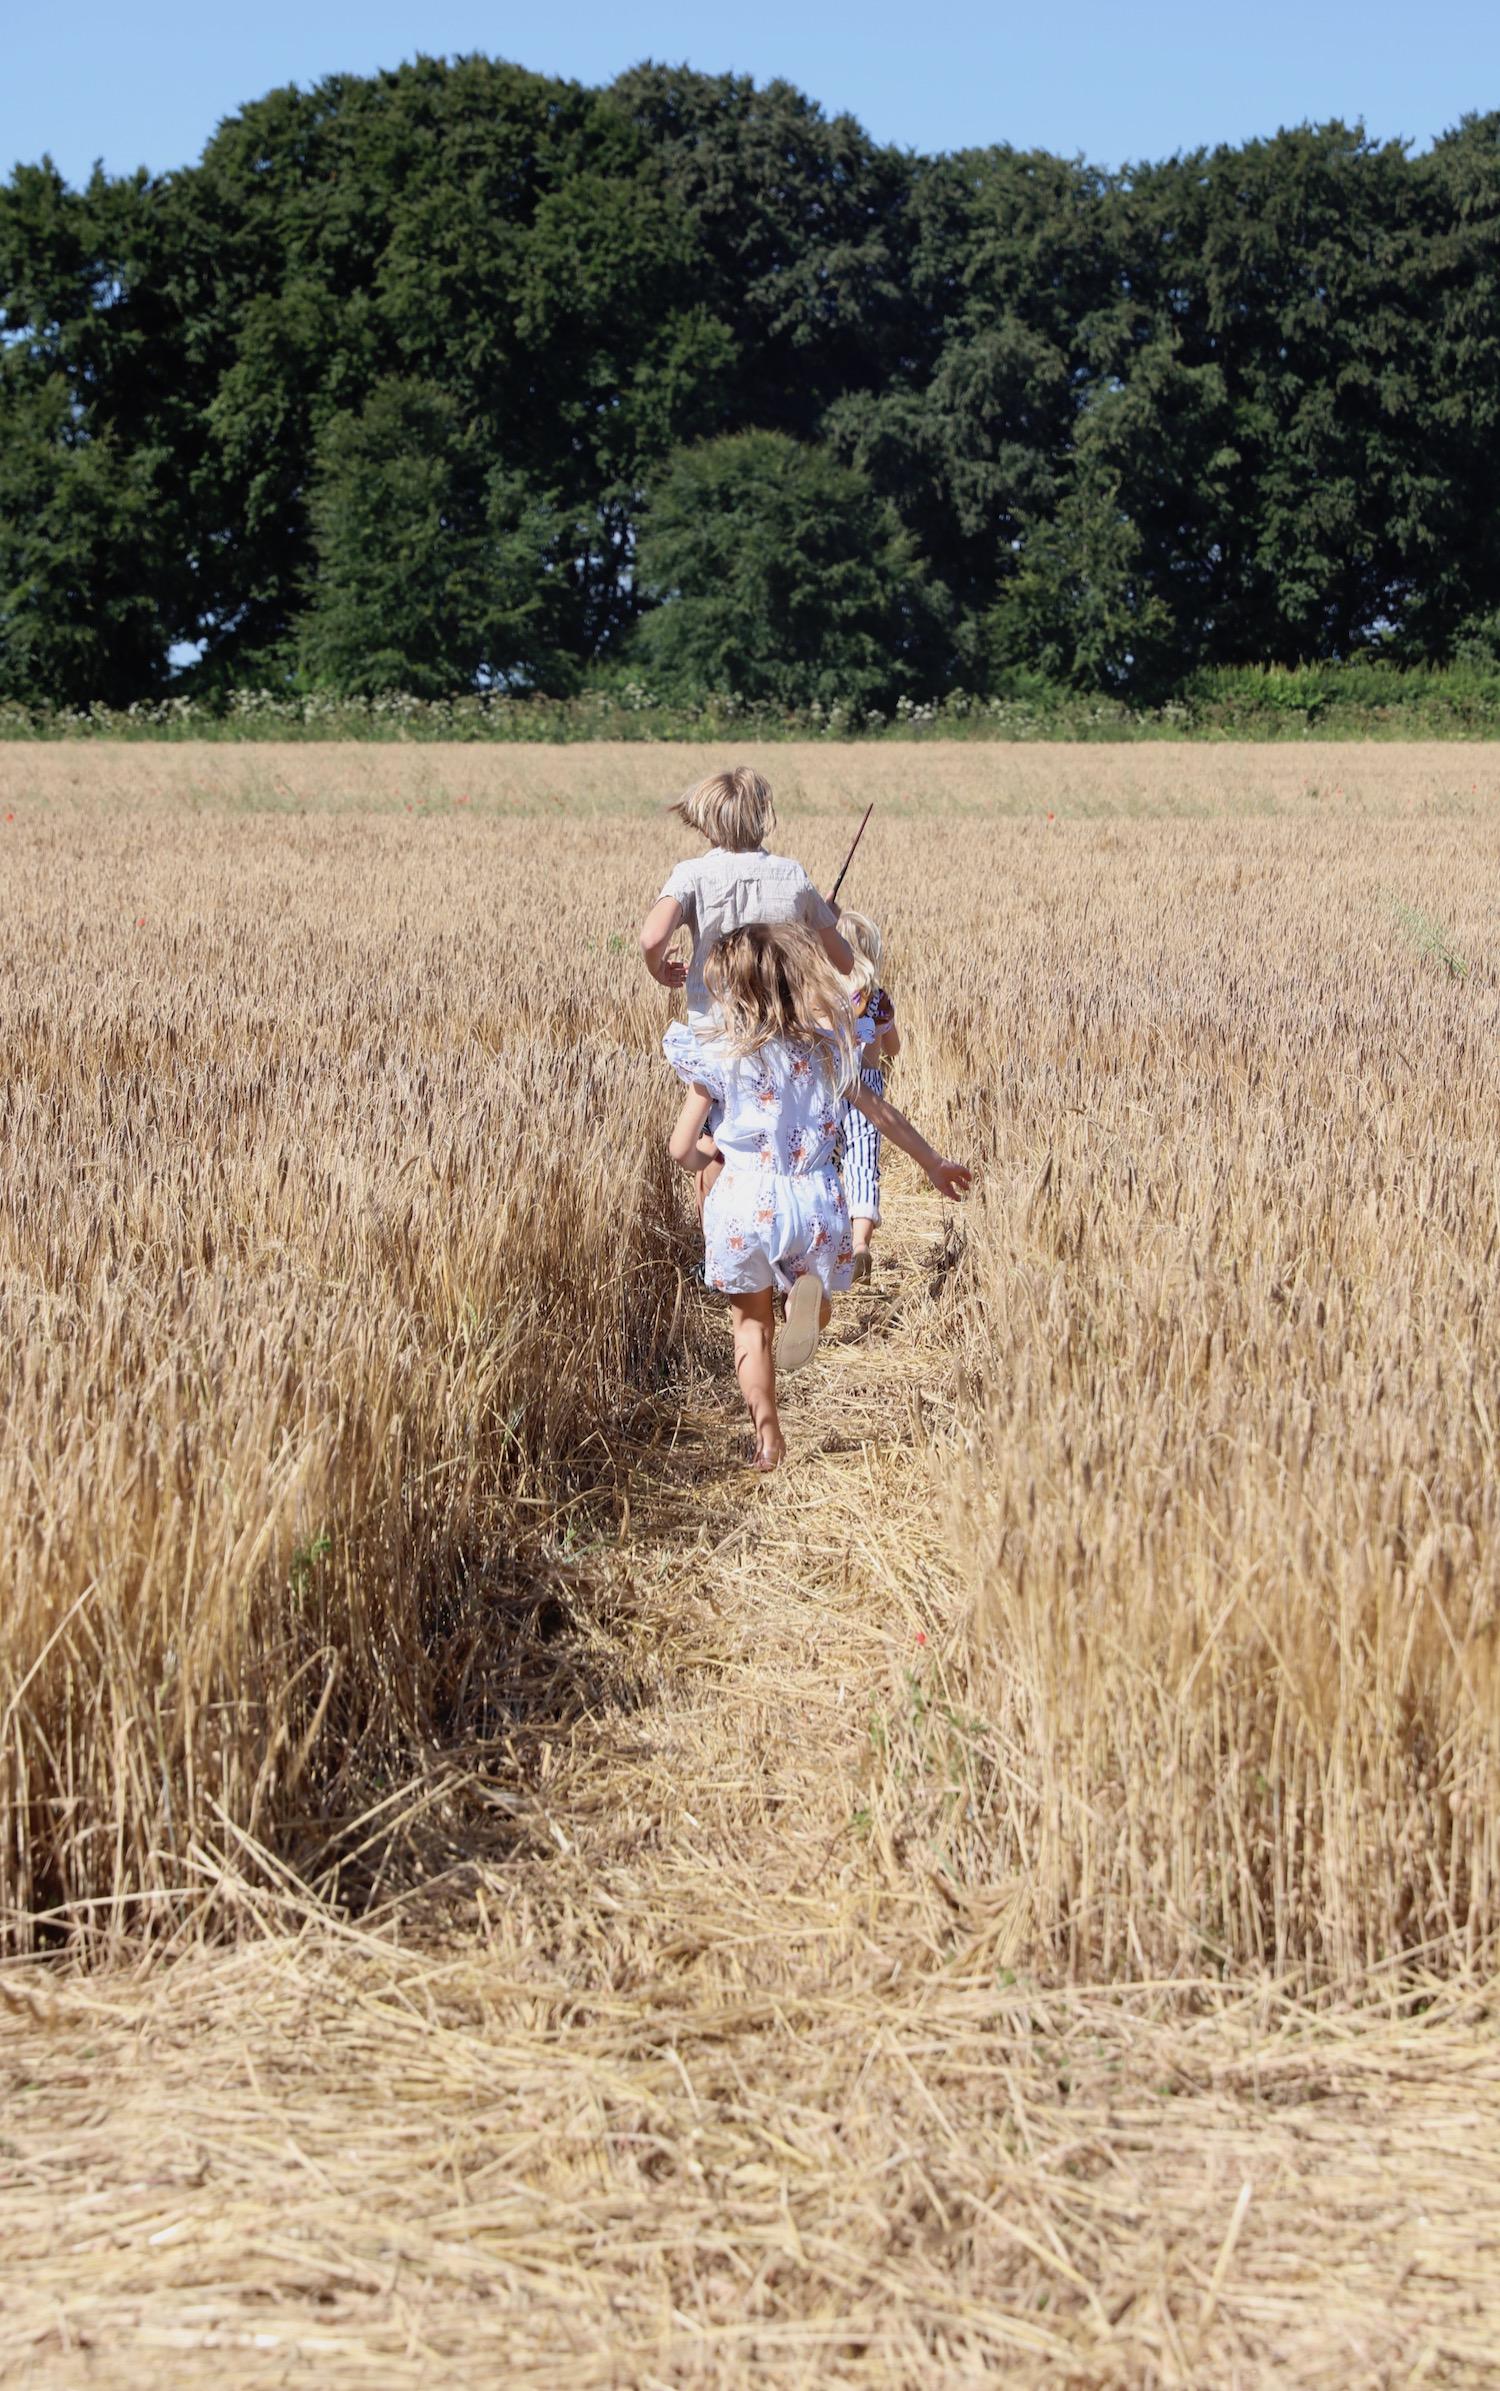 crop_circle_running_kids